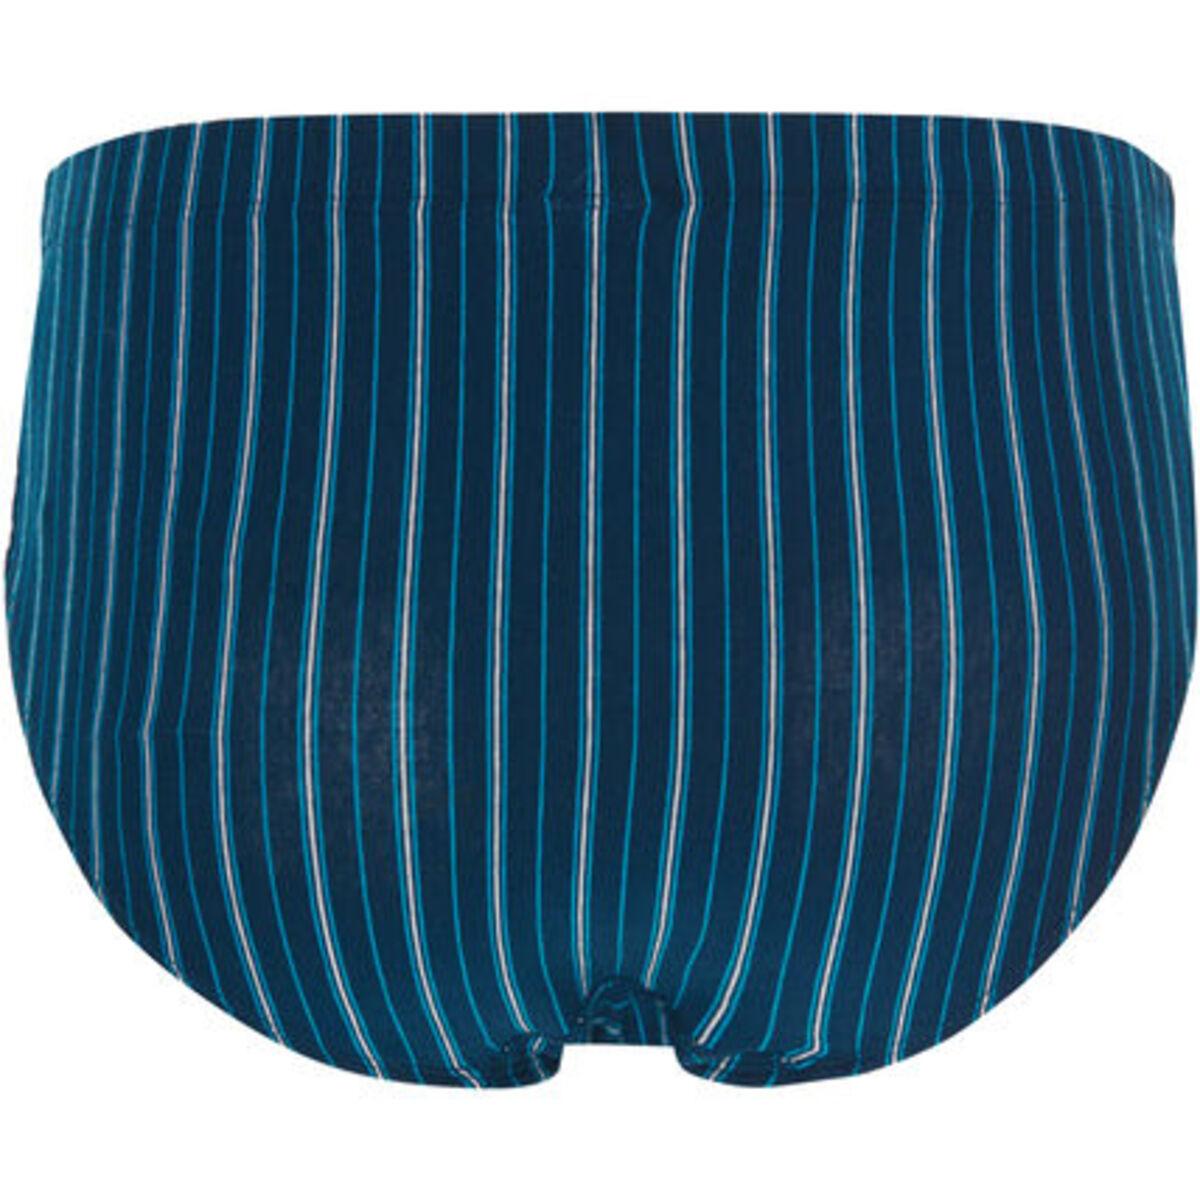 Bild 2 von Schiesser Supermini-Slip, 2er-Pack, Single Jersey, für Herren